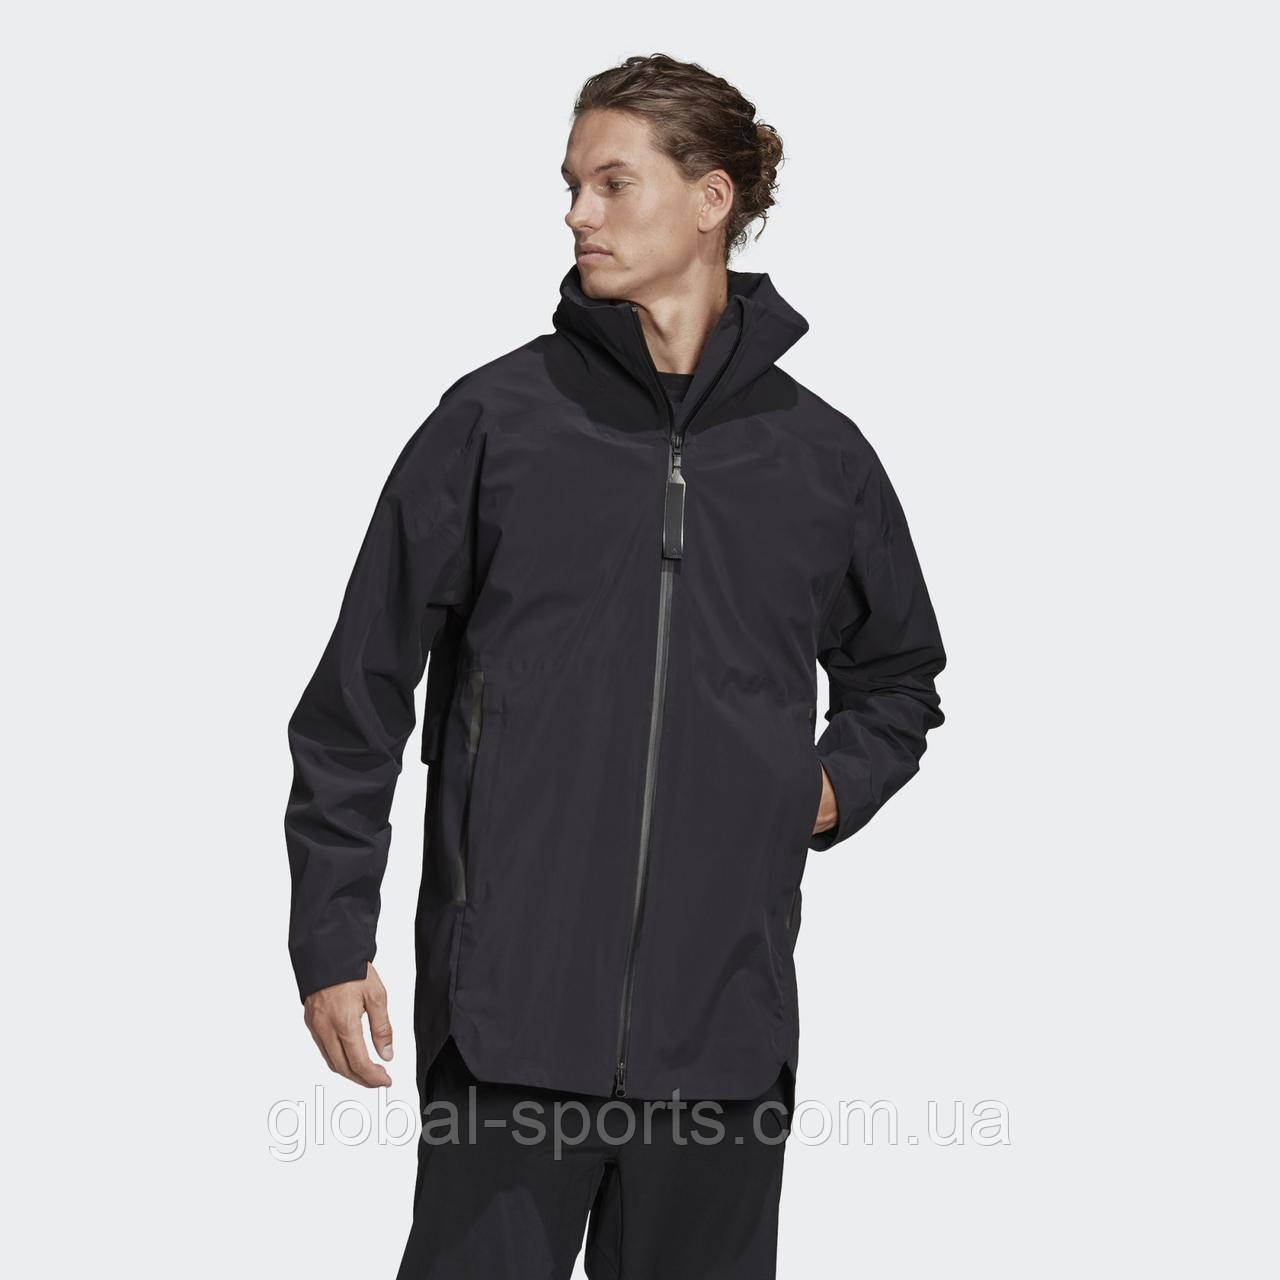 Чоловіча куртка Adidas MySHELTER 3in1(Артикул:DZ1417)